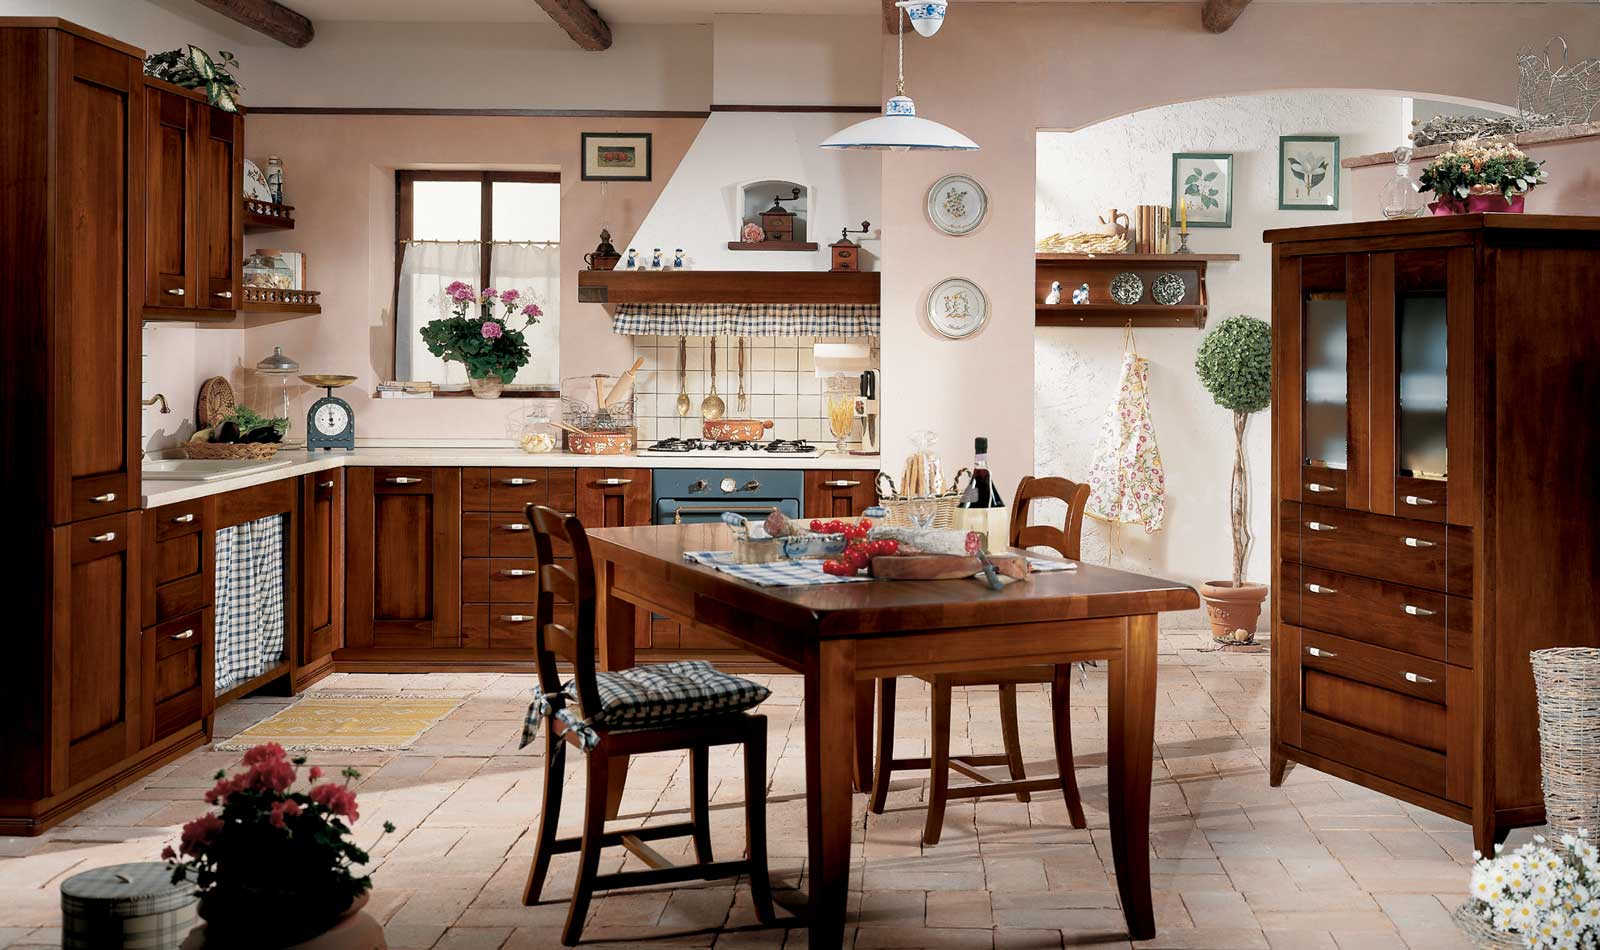 Cucine componibili arte povera top arredamenti tancredi - Cucine arte povera in muratura ...